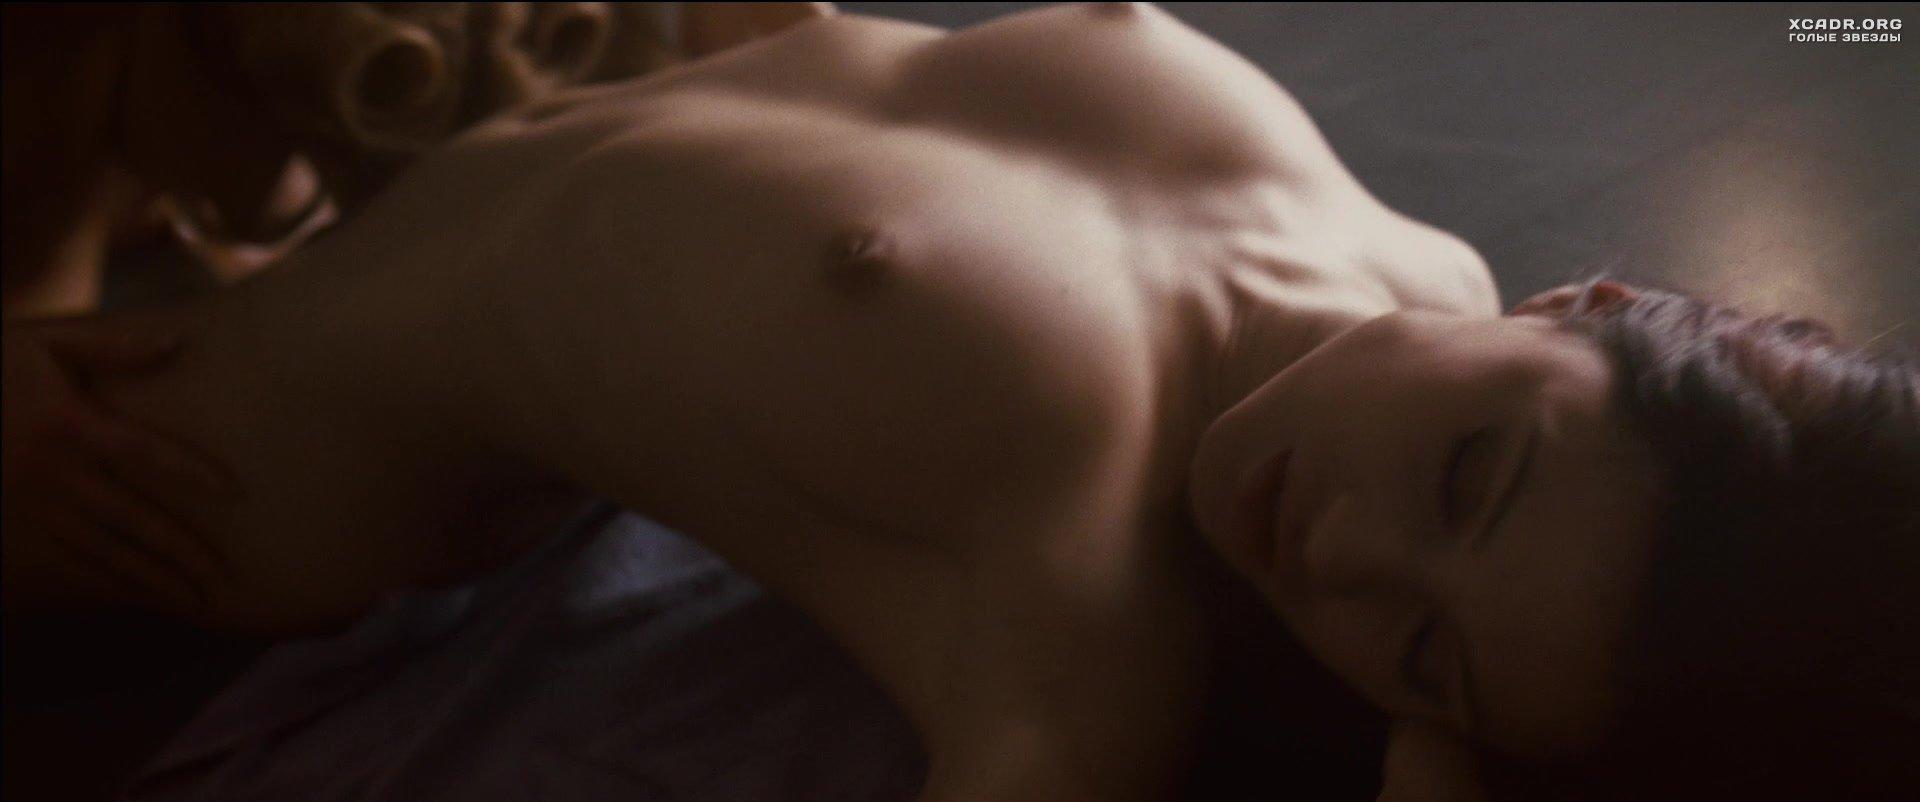 bloodrayne-nude-scene-amature-masturbates-tube